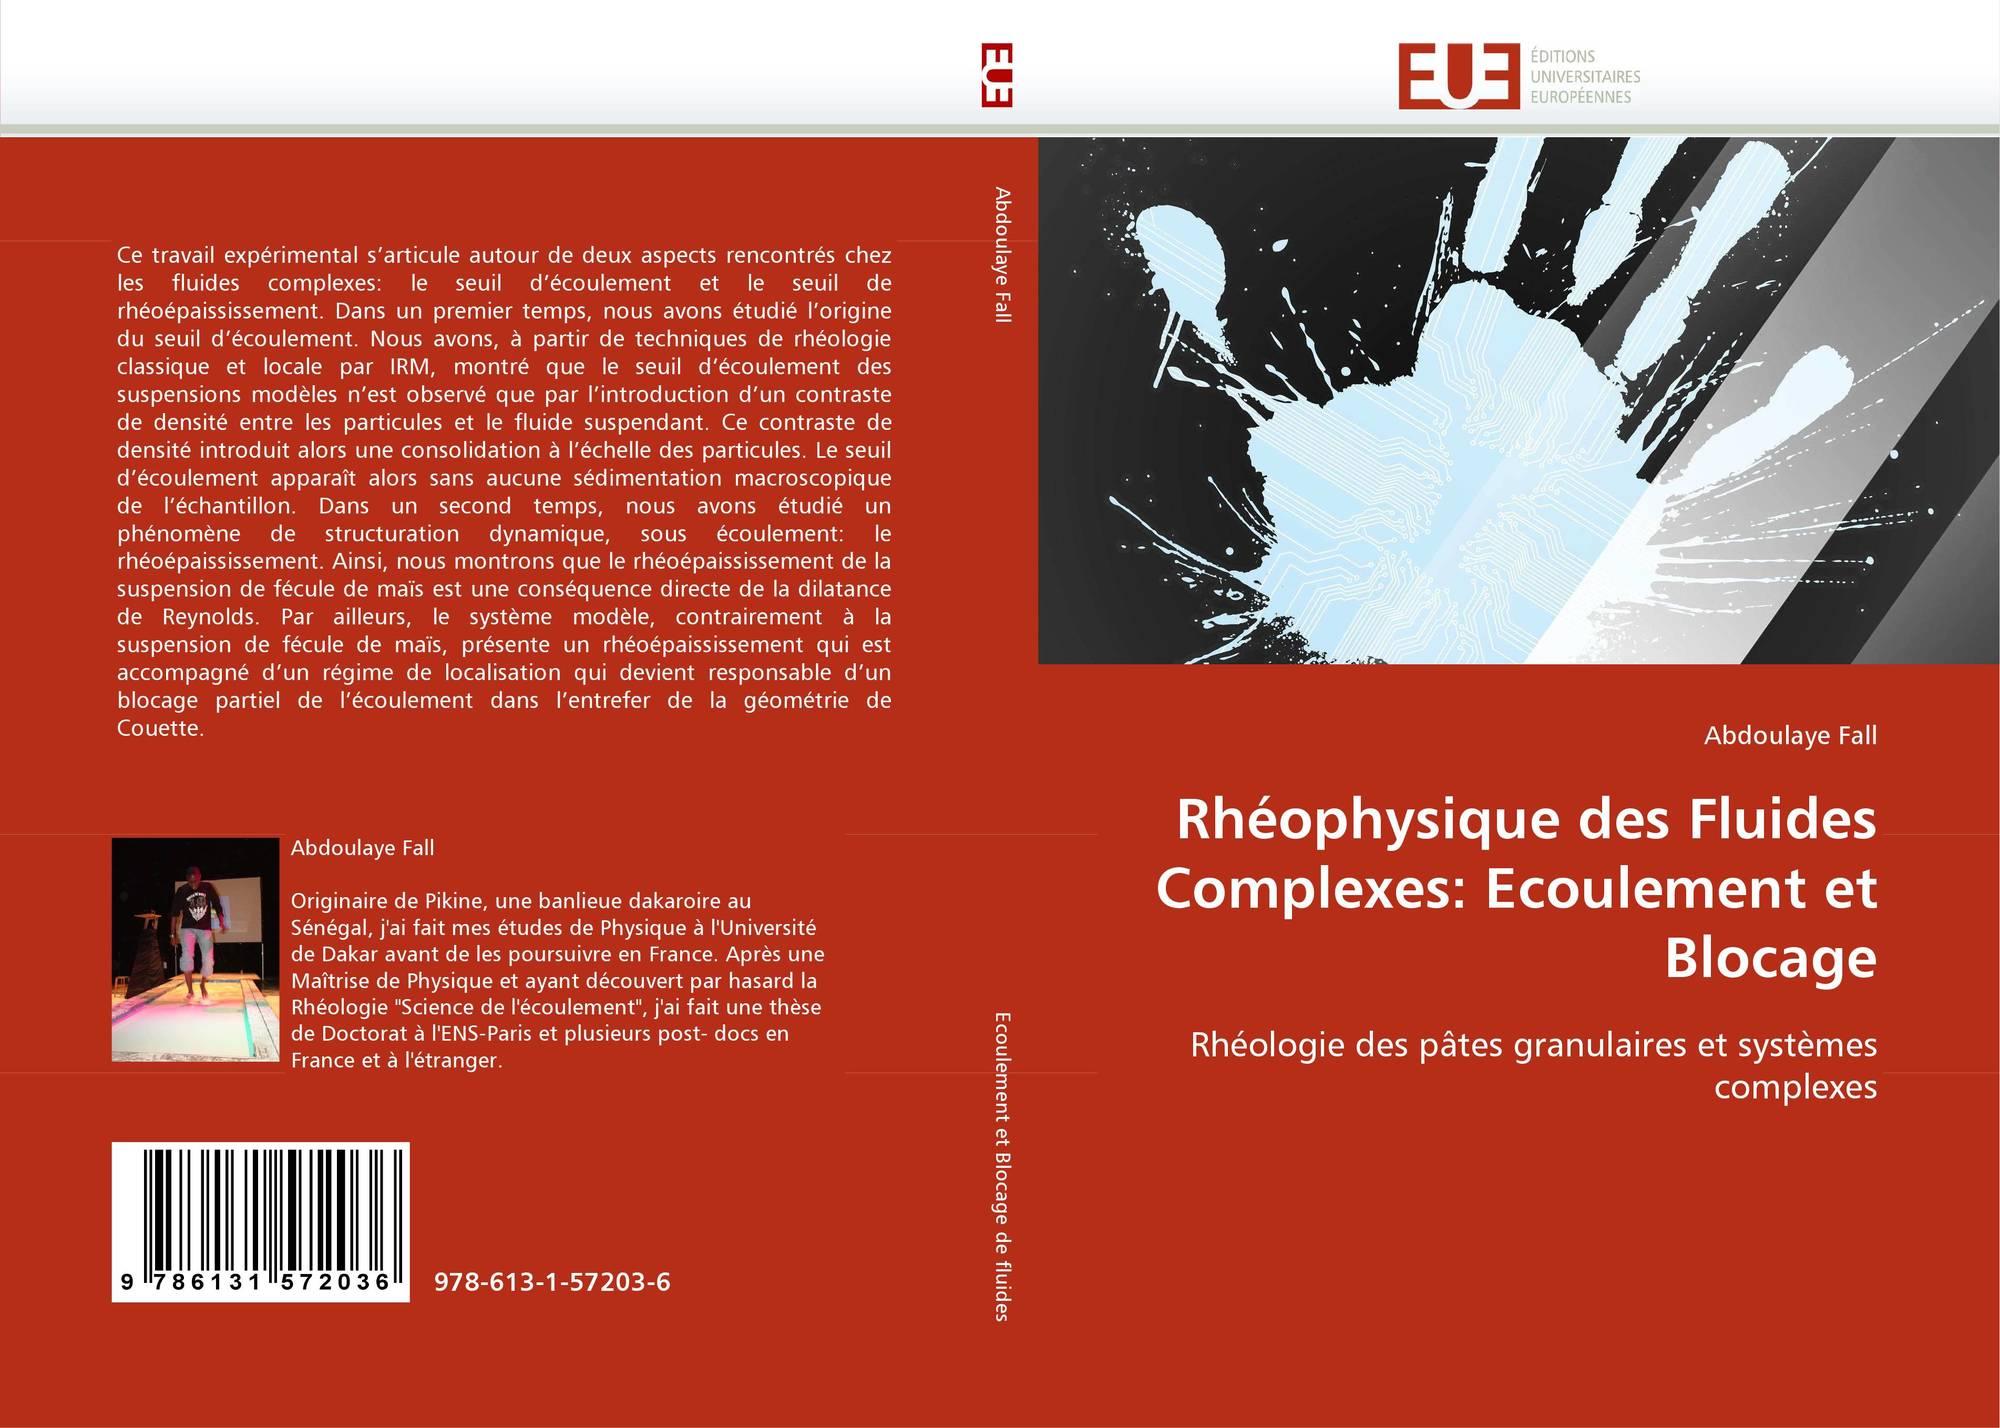 FLUIDES COMPLEXES PDF